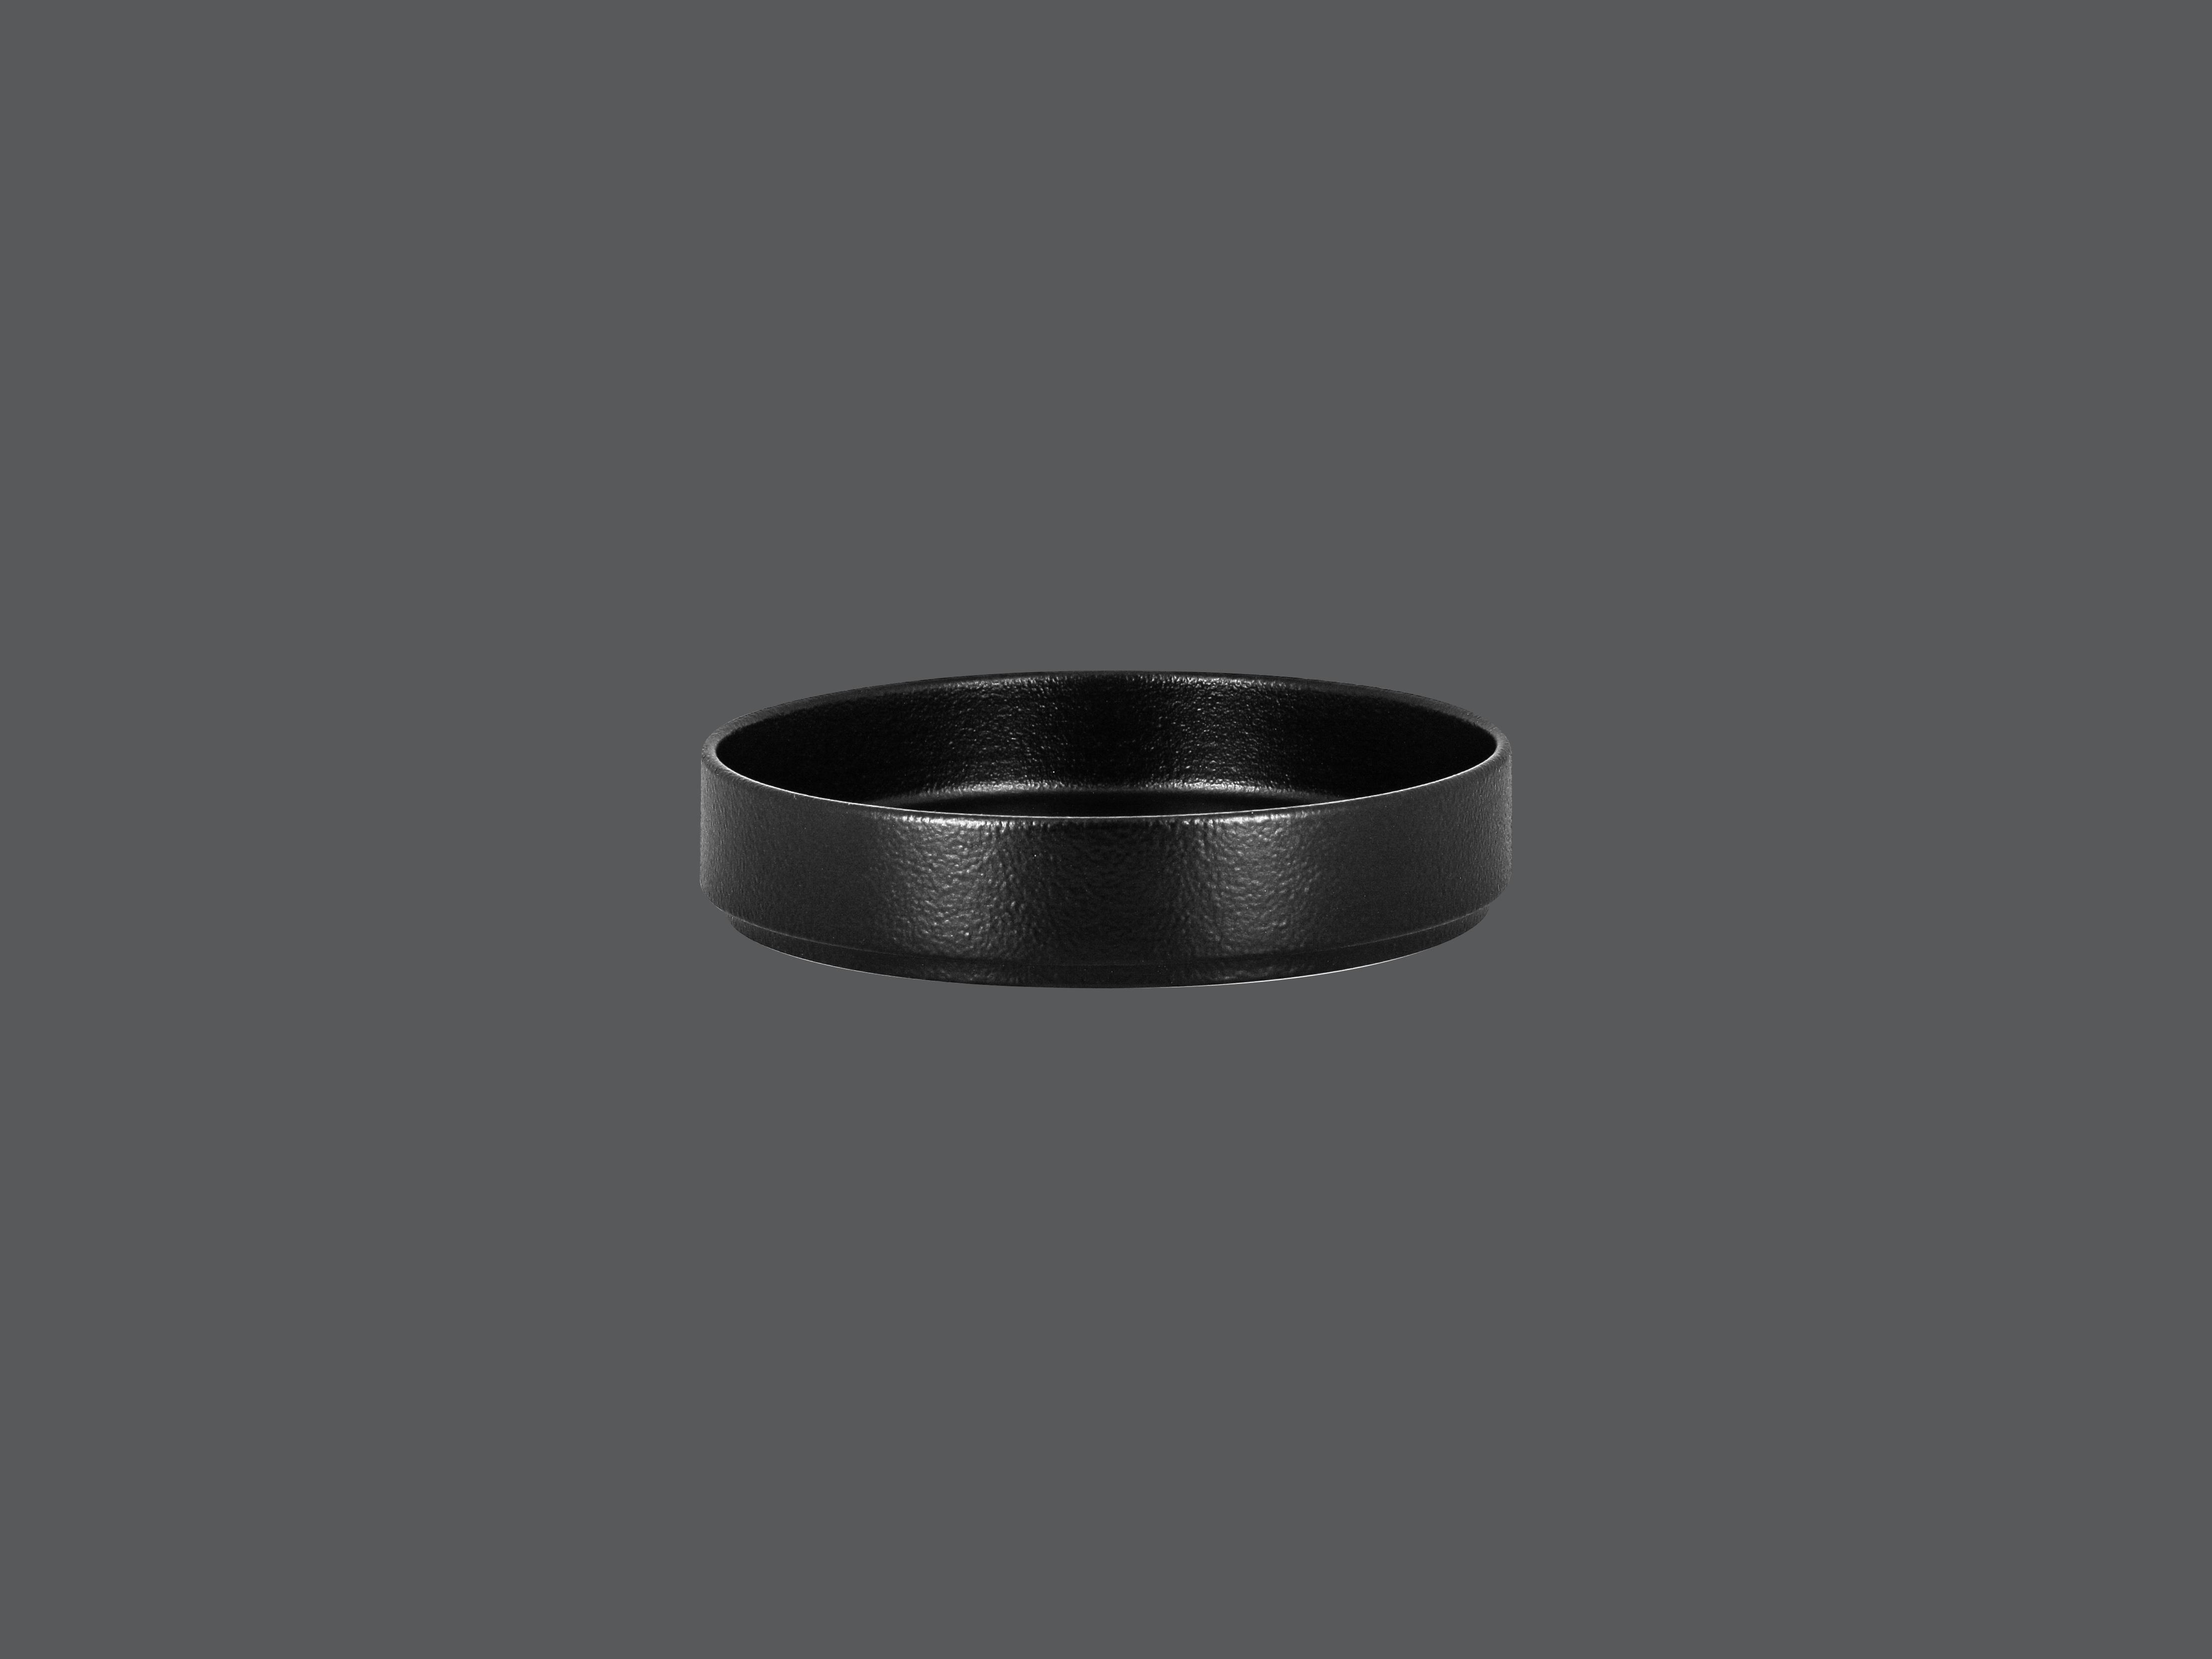 Sensation miska kruhová pro čtvercové talíře 14,5 cm - SAKURA